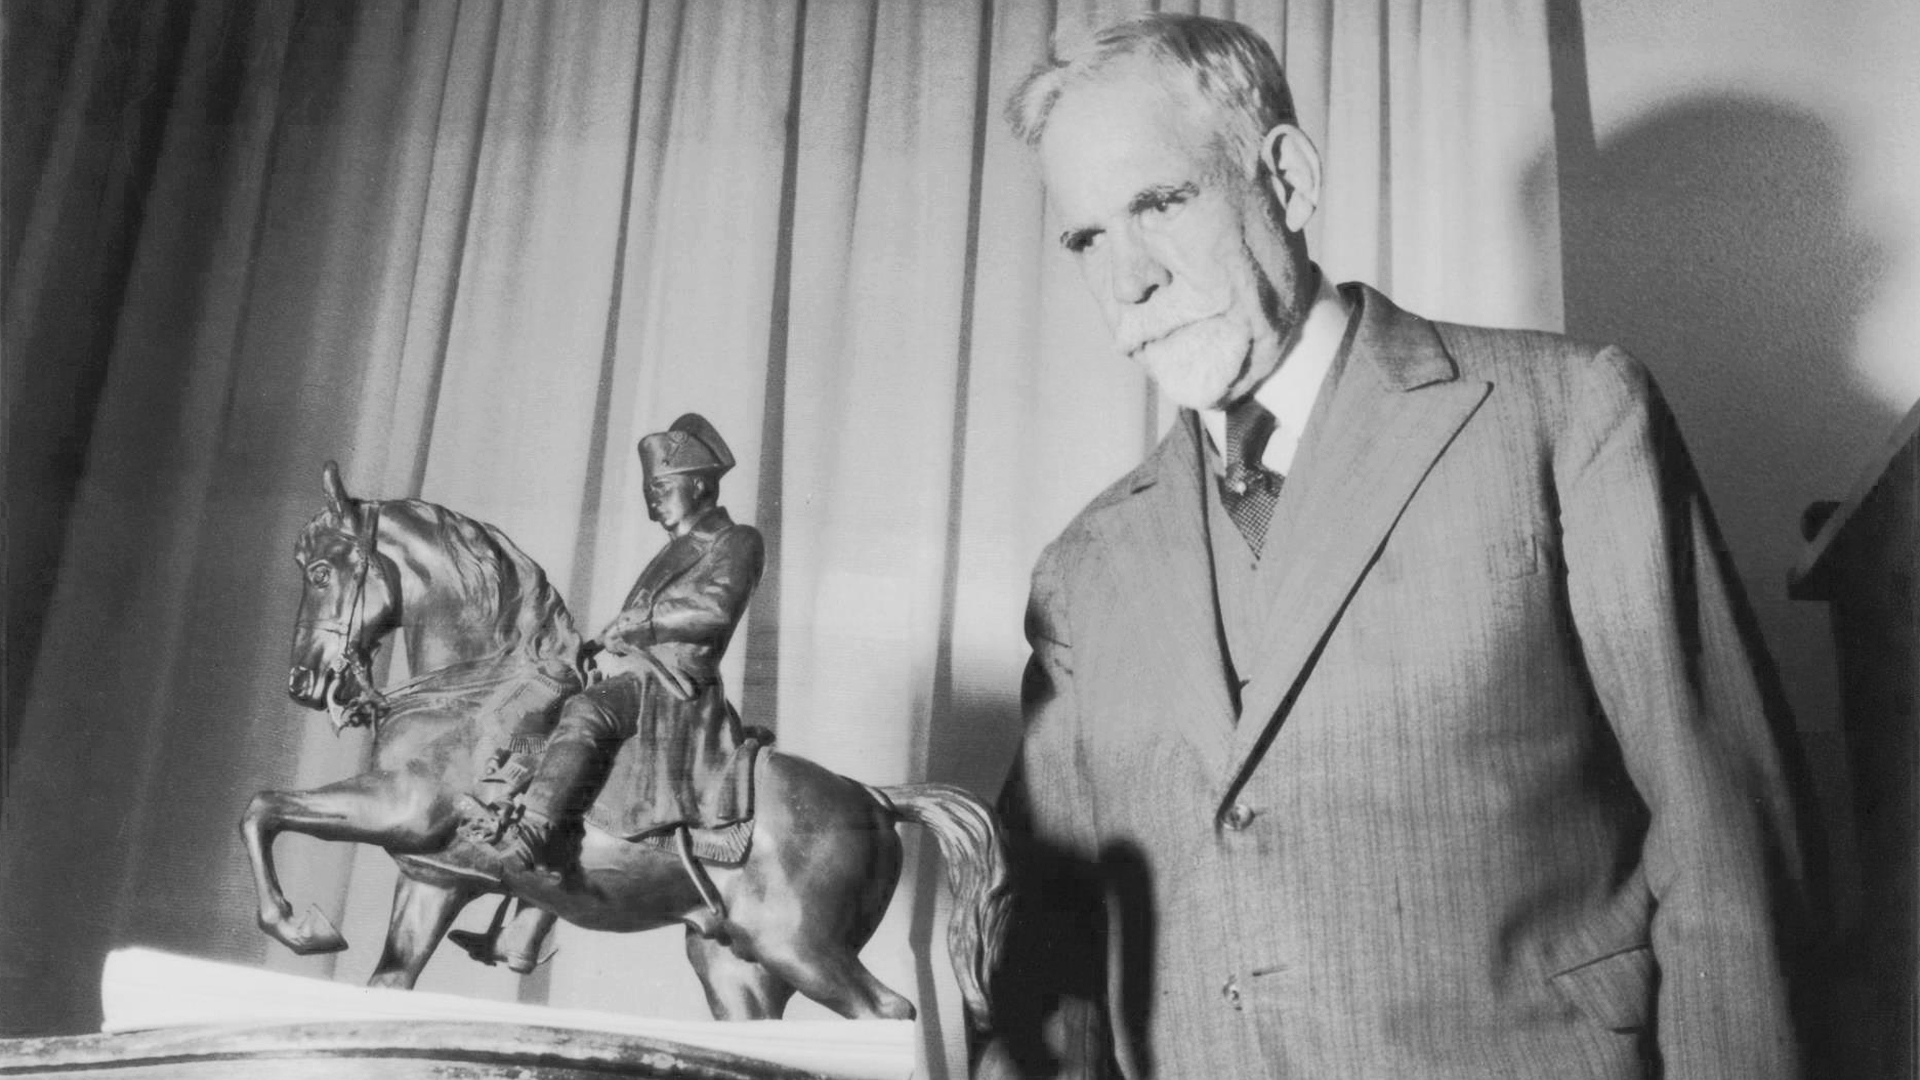 Além de político, Washington Luís foi um apreciador das artes